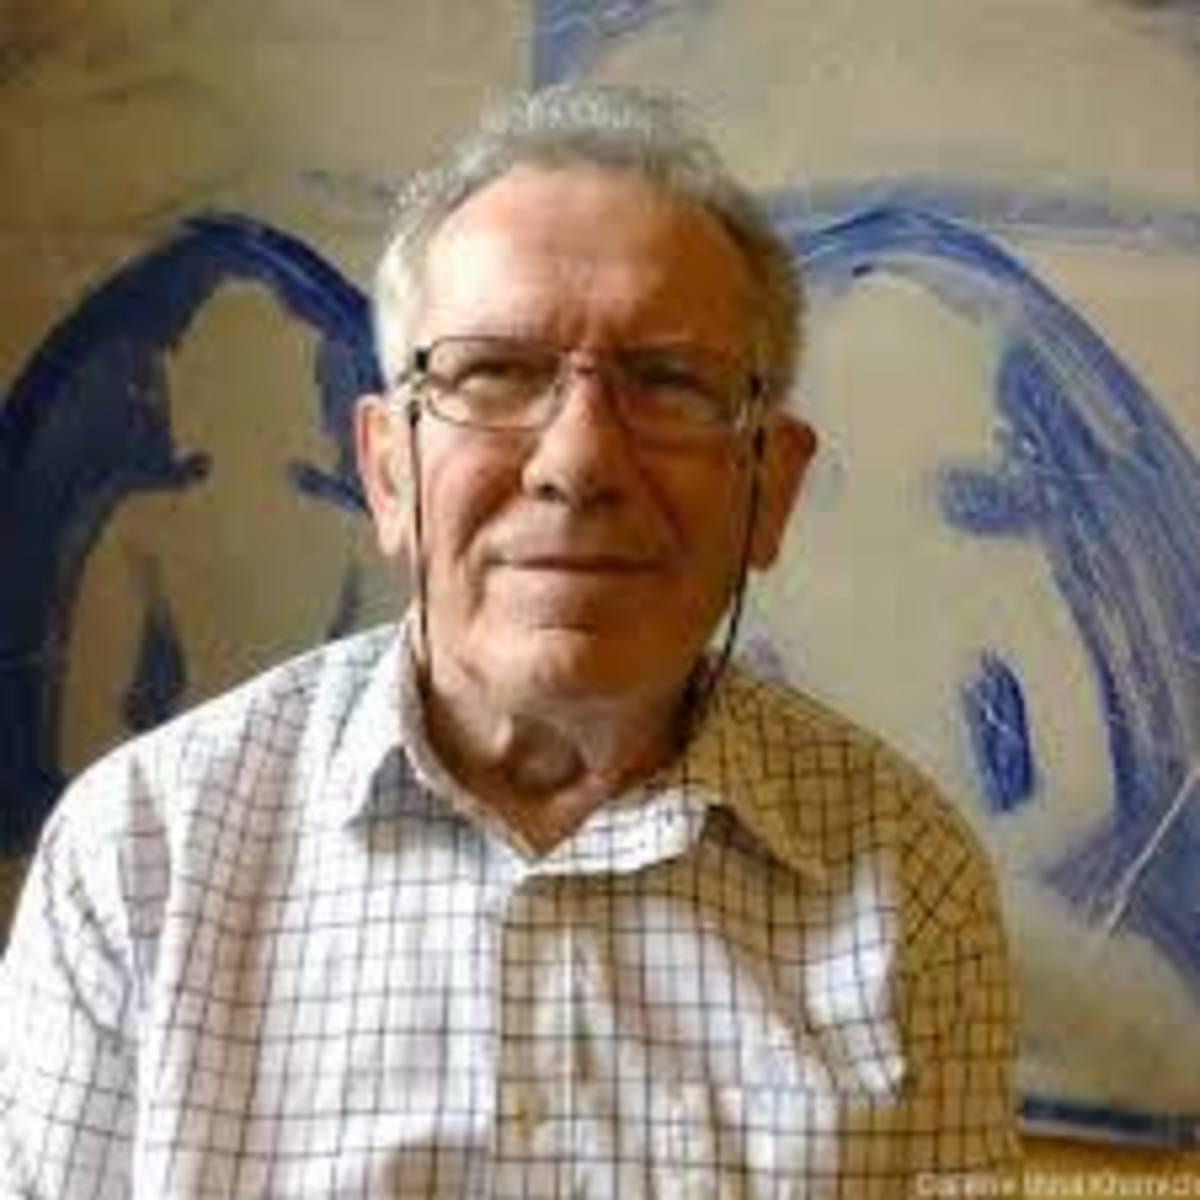 Marc Rambeau